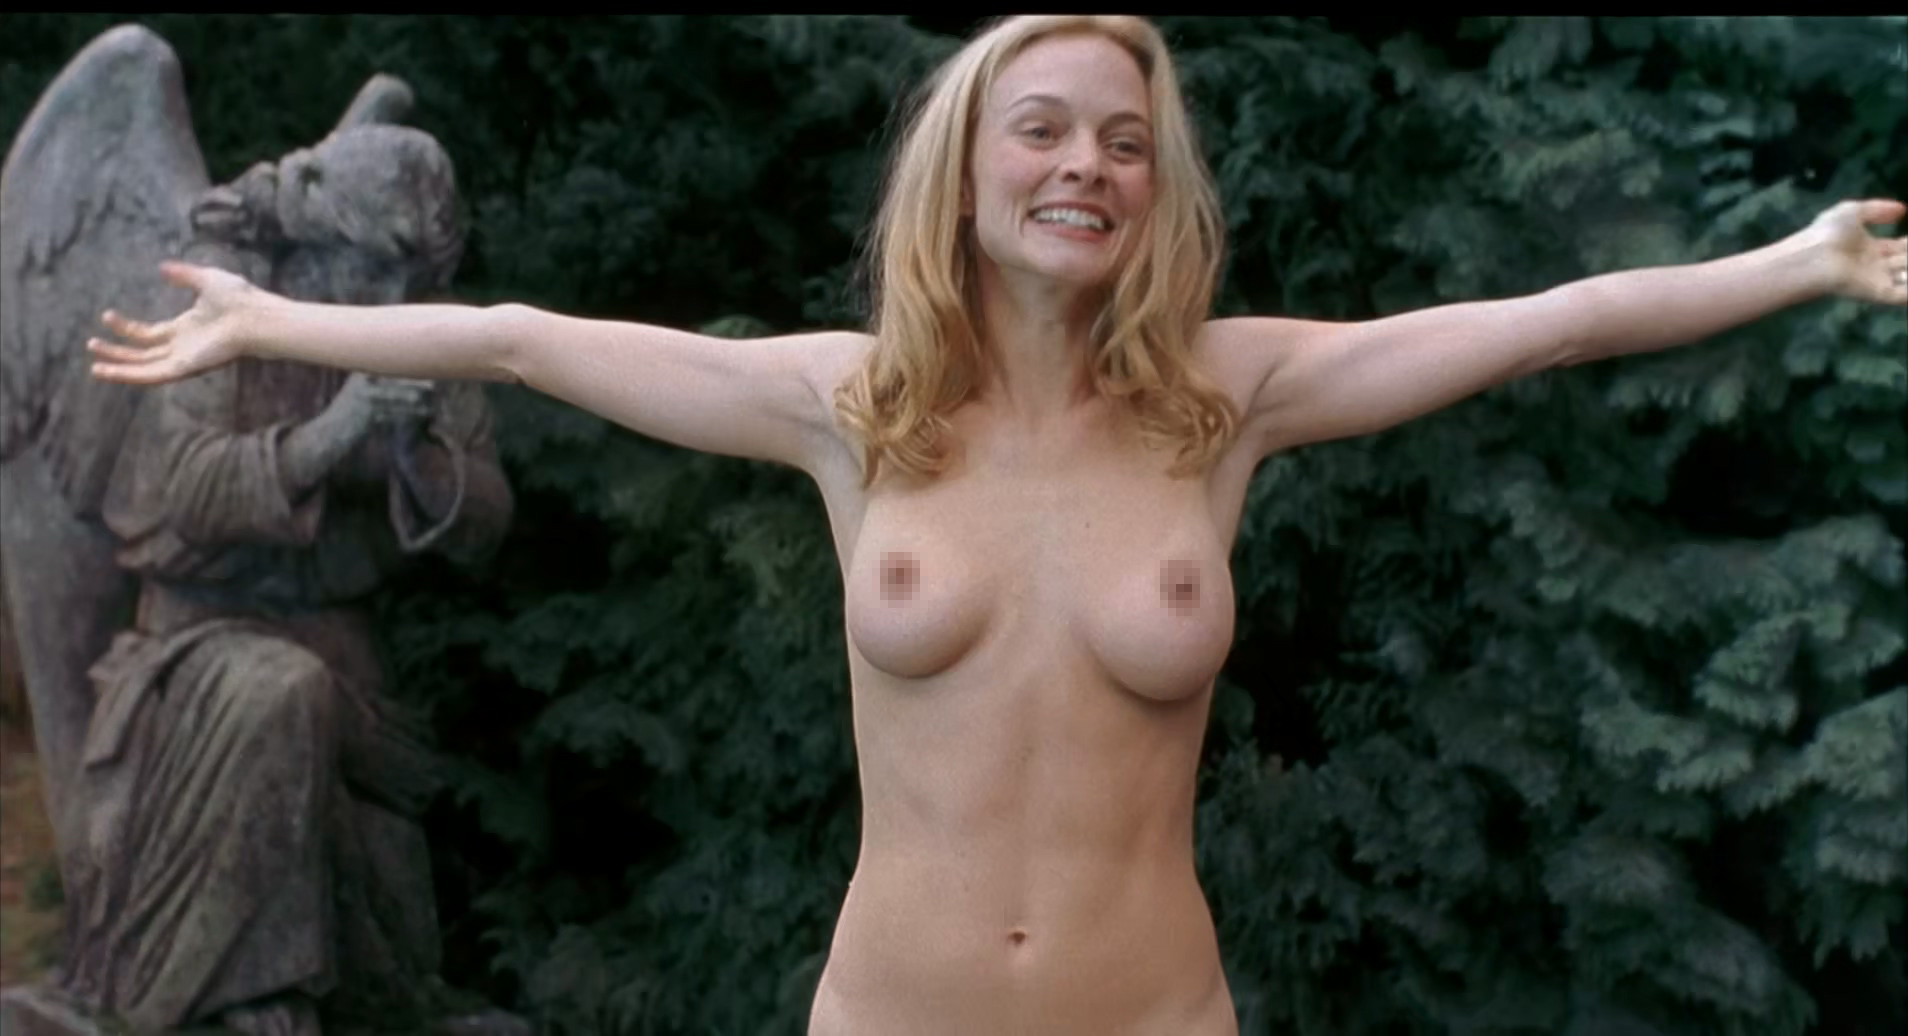 Mother heather graham video naked naked full